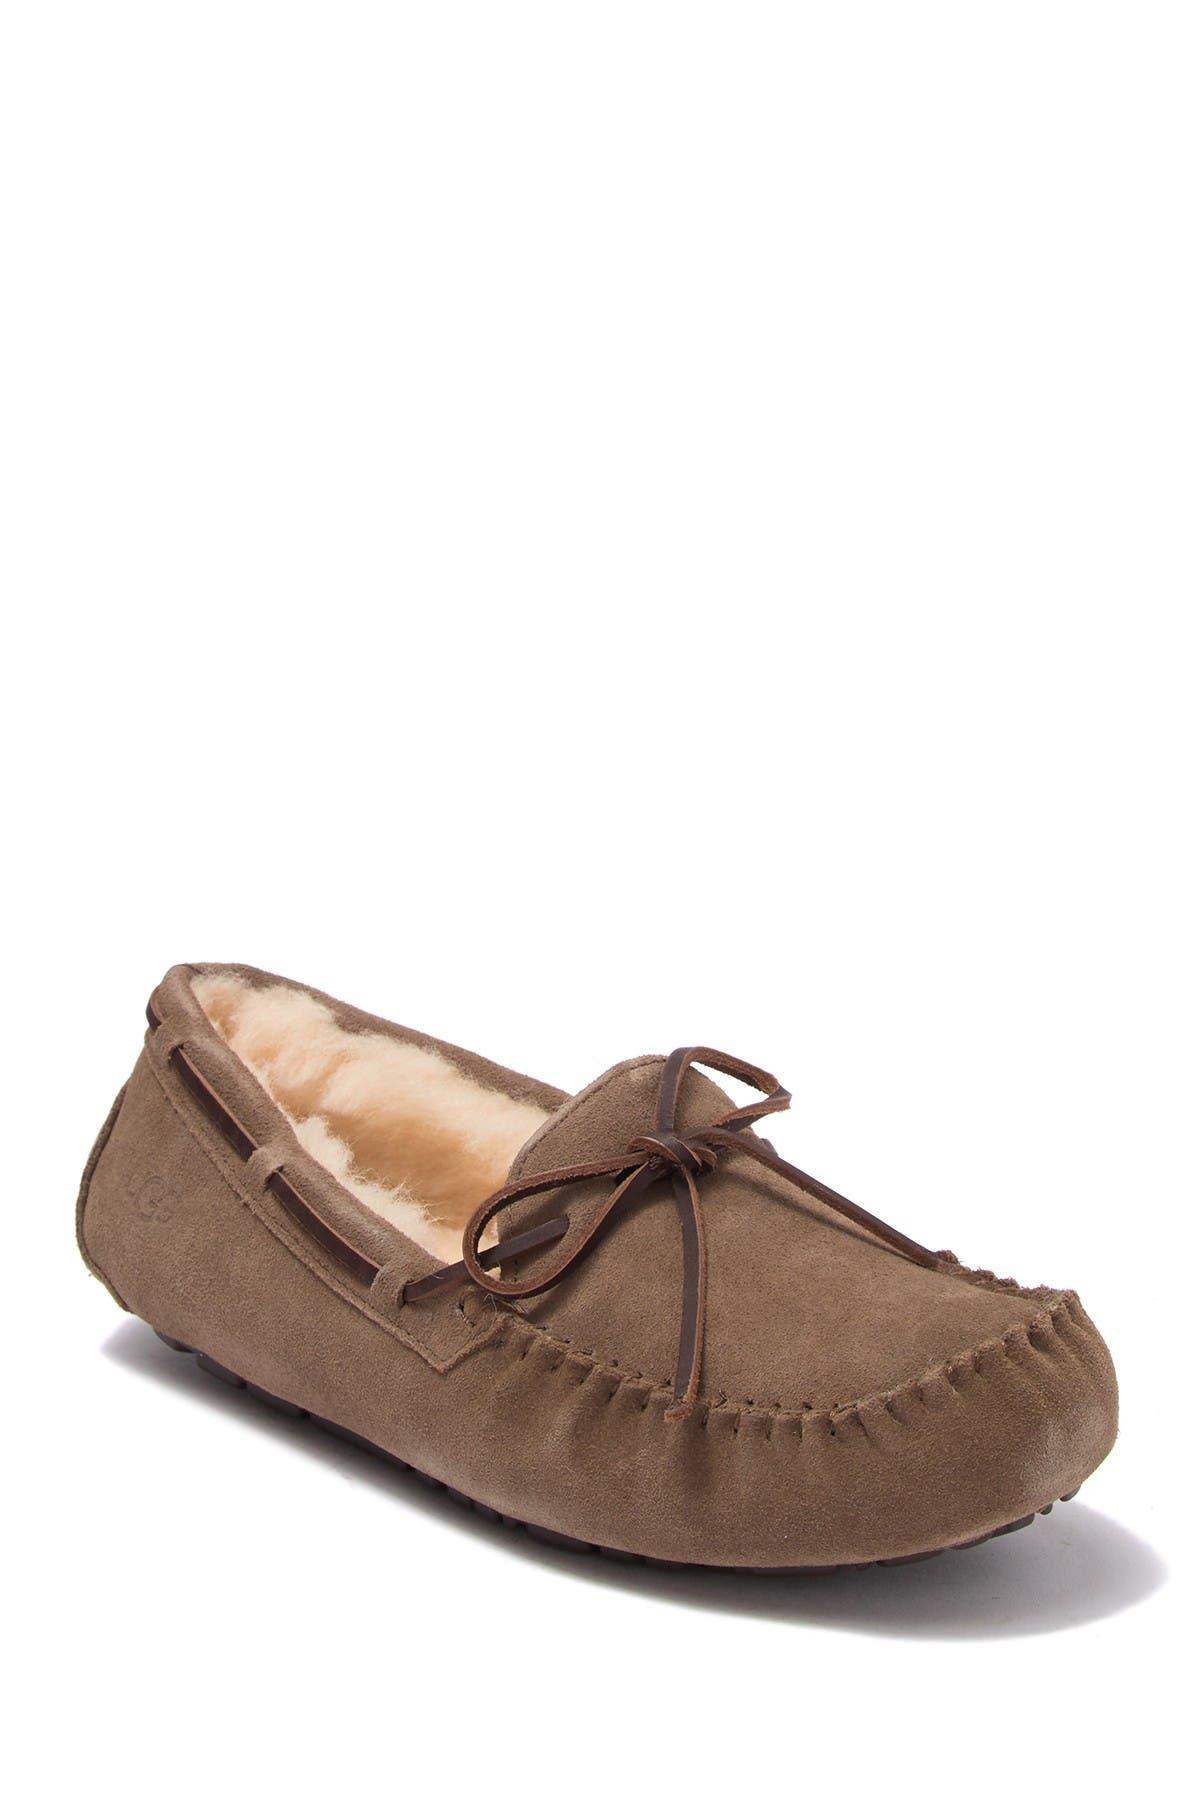 Image of UGG Olsen Moccasin UGGpure Lined Slipper